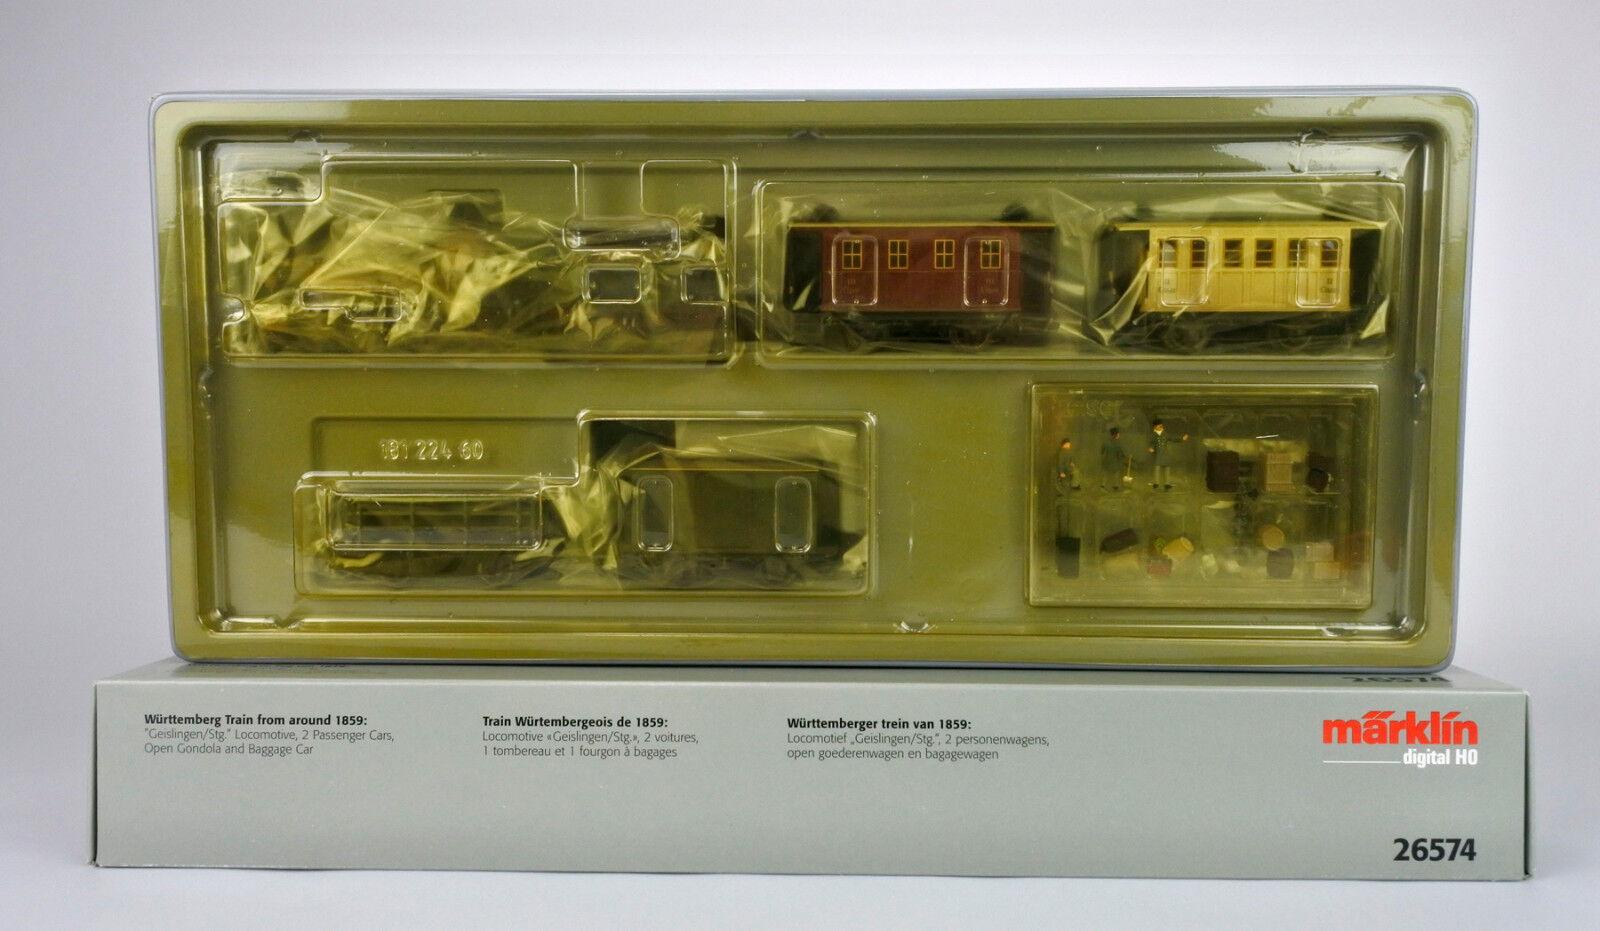 prezzi eccellenti MARKLIN HO SCALE SCALE SCALE 26574 DIGITAL  WURTTEMBERGER  1859 Ssquadra ENGINE TRAIN SET  grande sconto